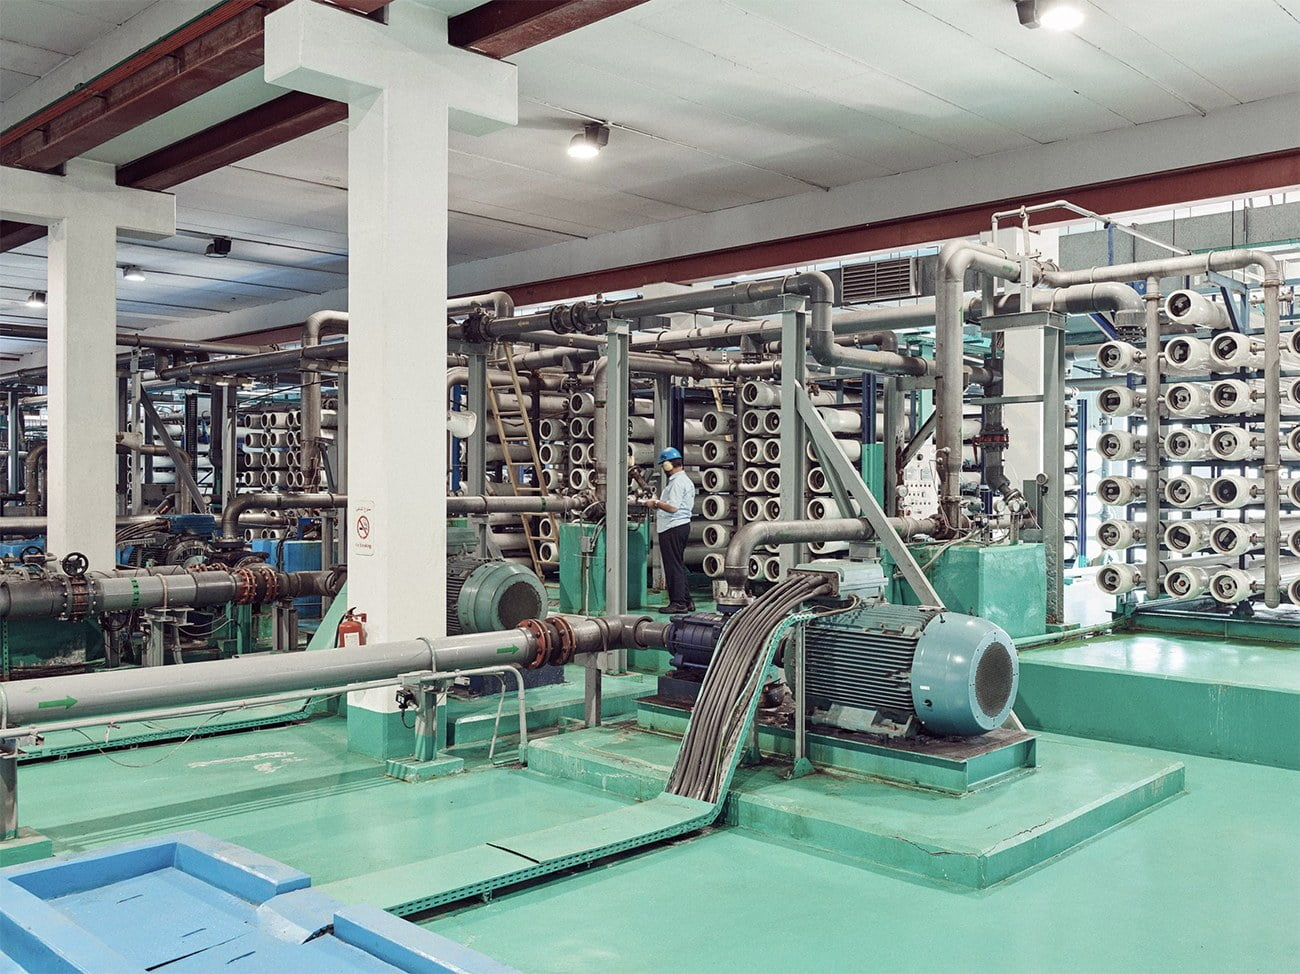 imagemde usina de dessalinização